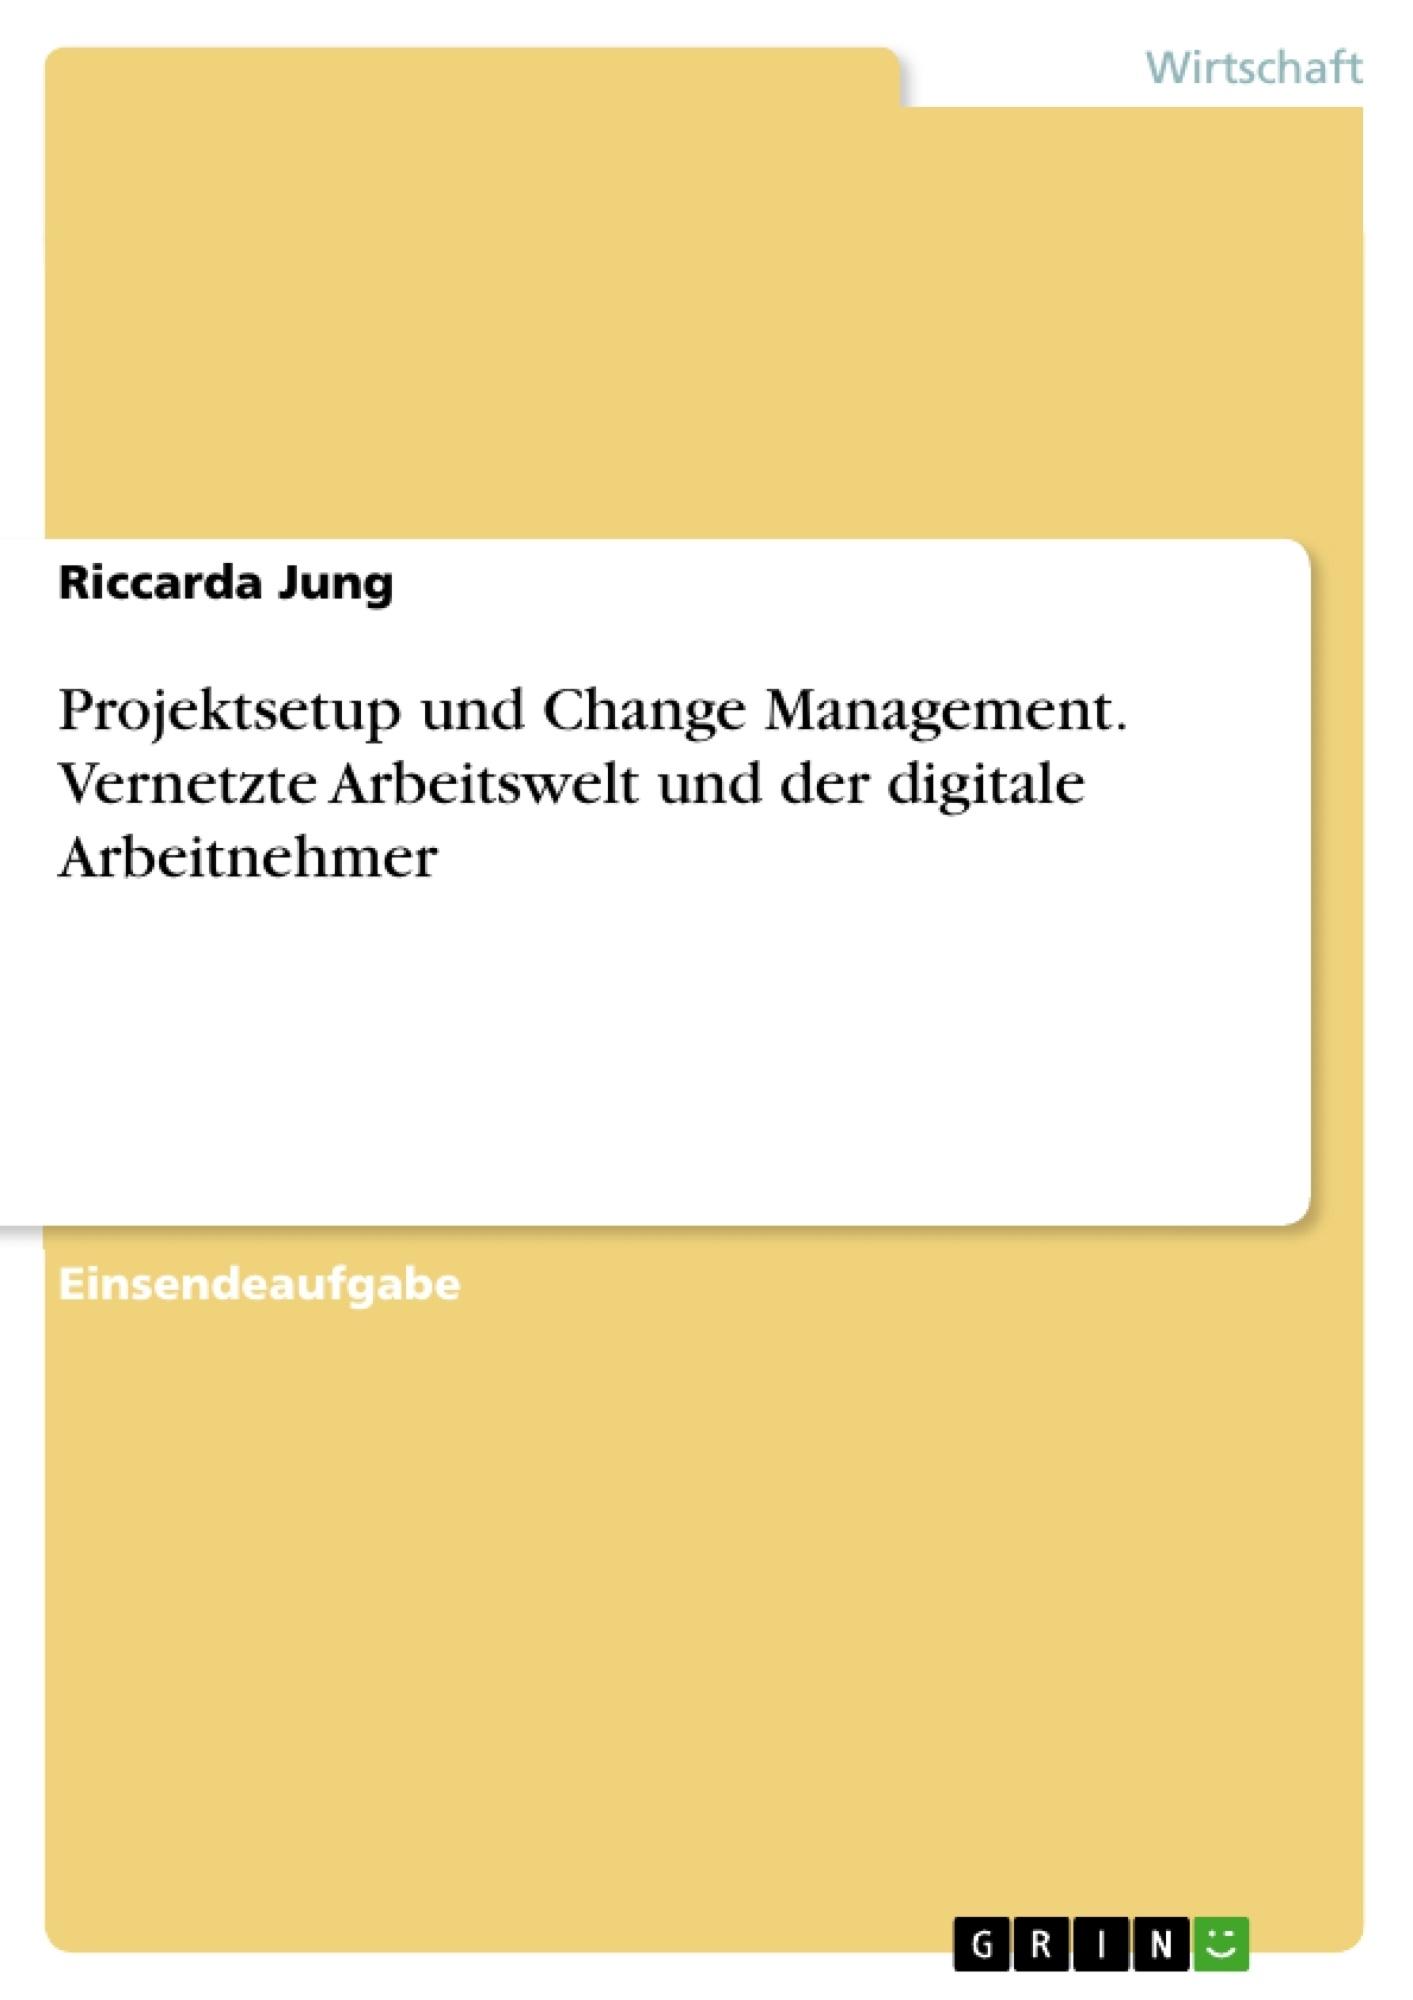 Titel: Projektsetup und Change Management. Vernetzte Arbeitswelt und der digitale Arbeitnehmer